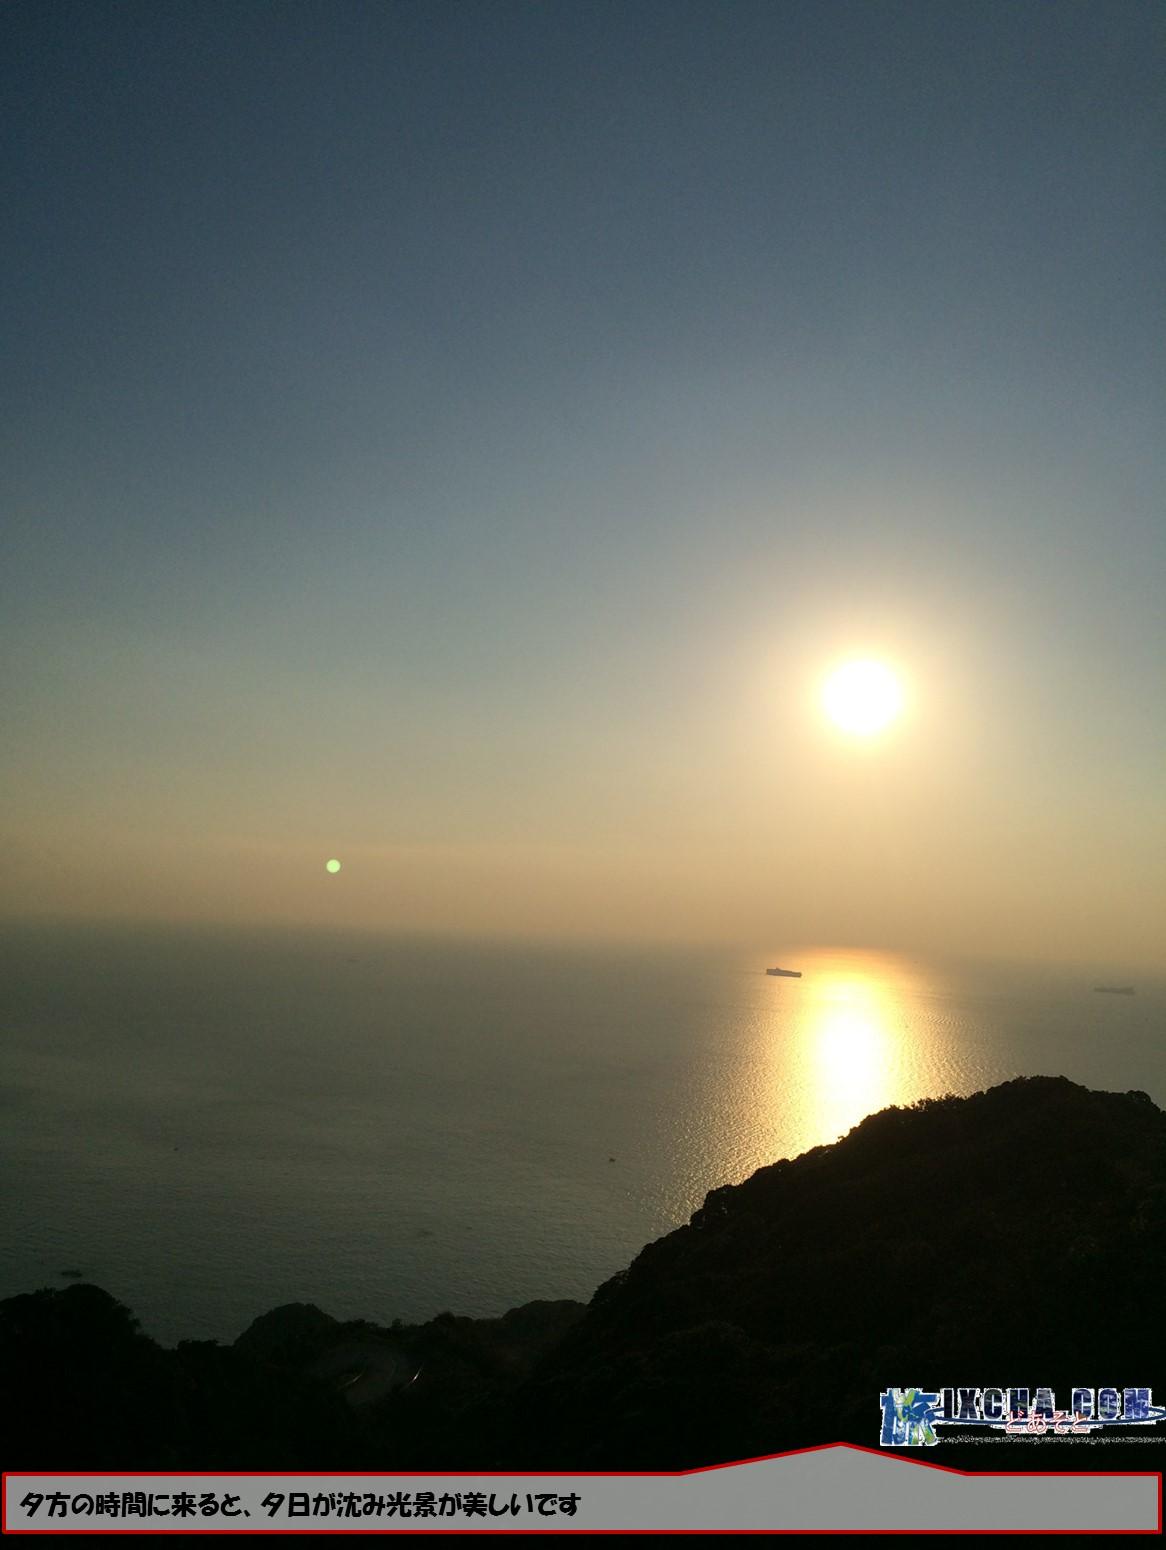 夕方の時間に来ると、夕日が沈み光景が美しいです